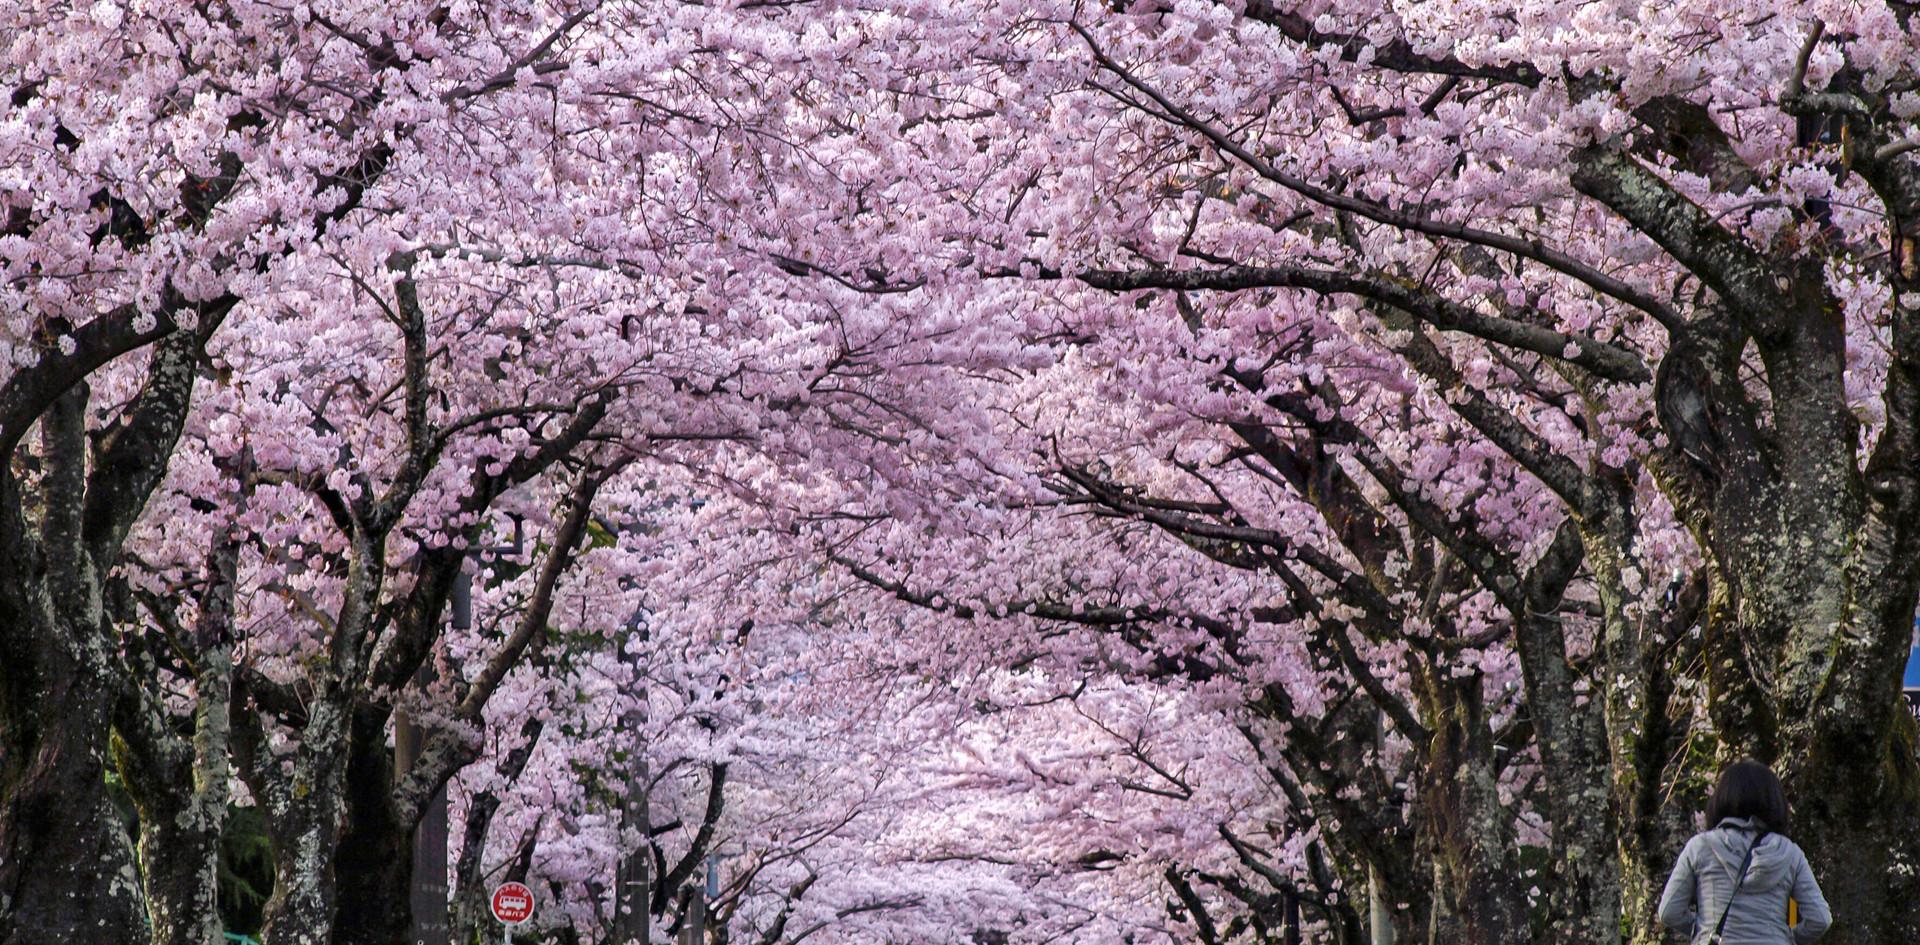 ネオ・リゾートホーム遊方YUKATA 伊豆高原桜のトンネル